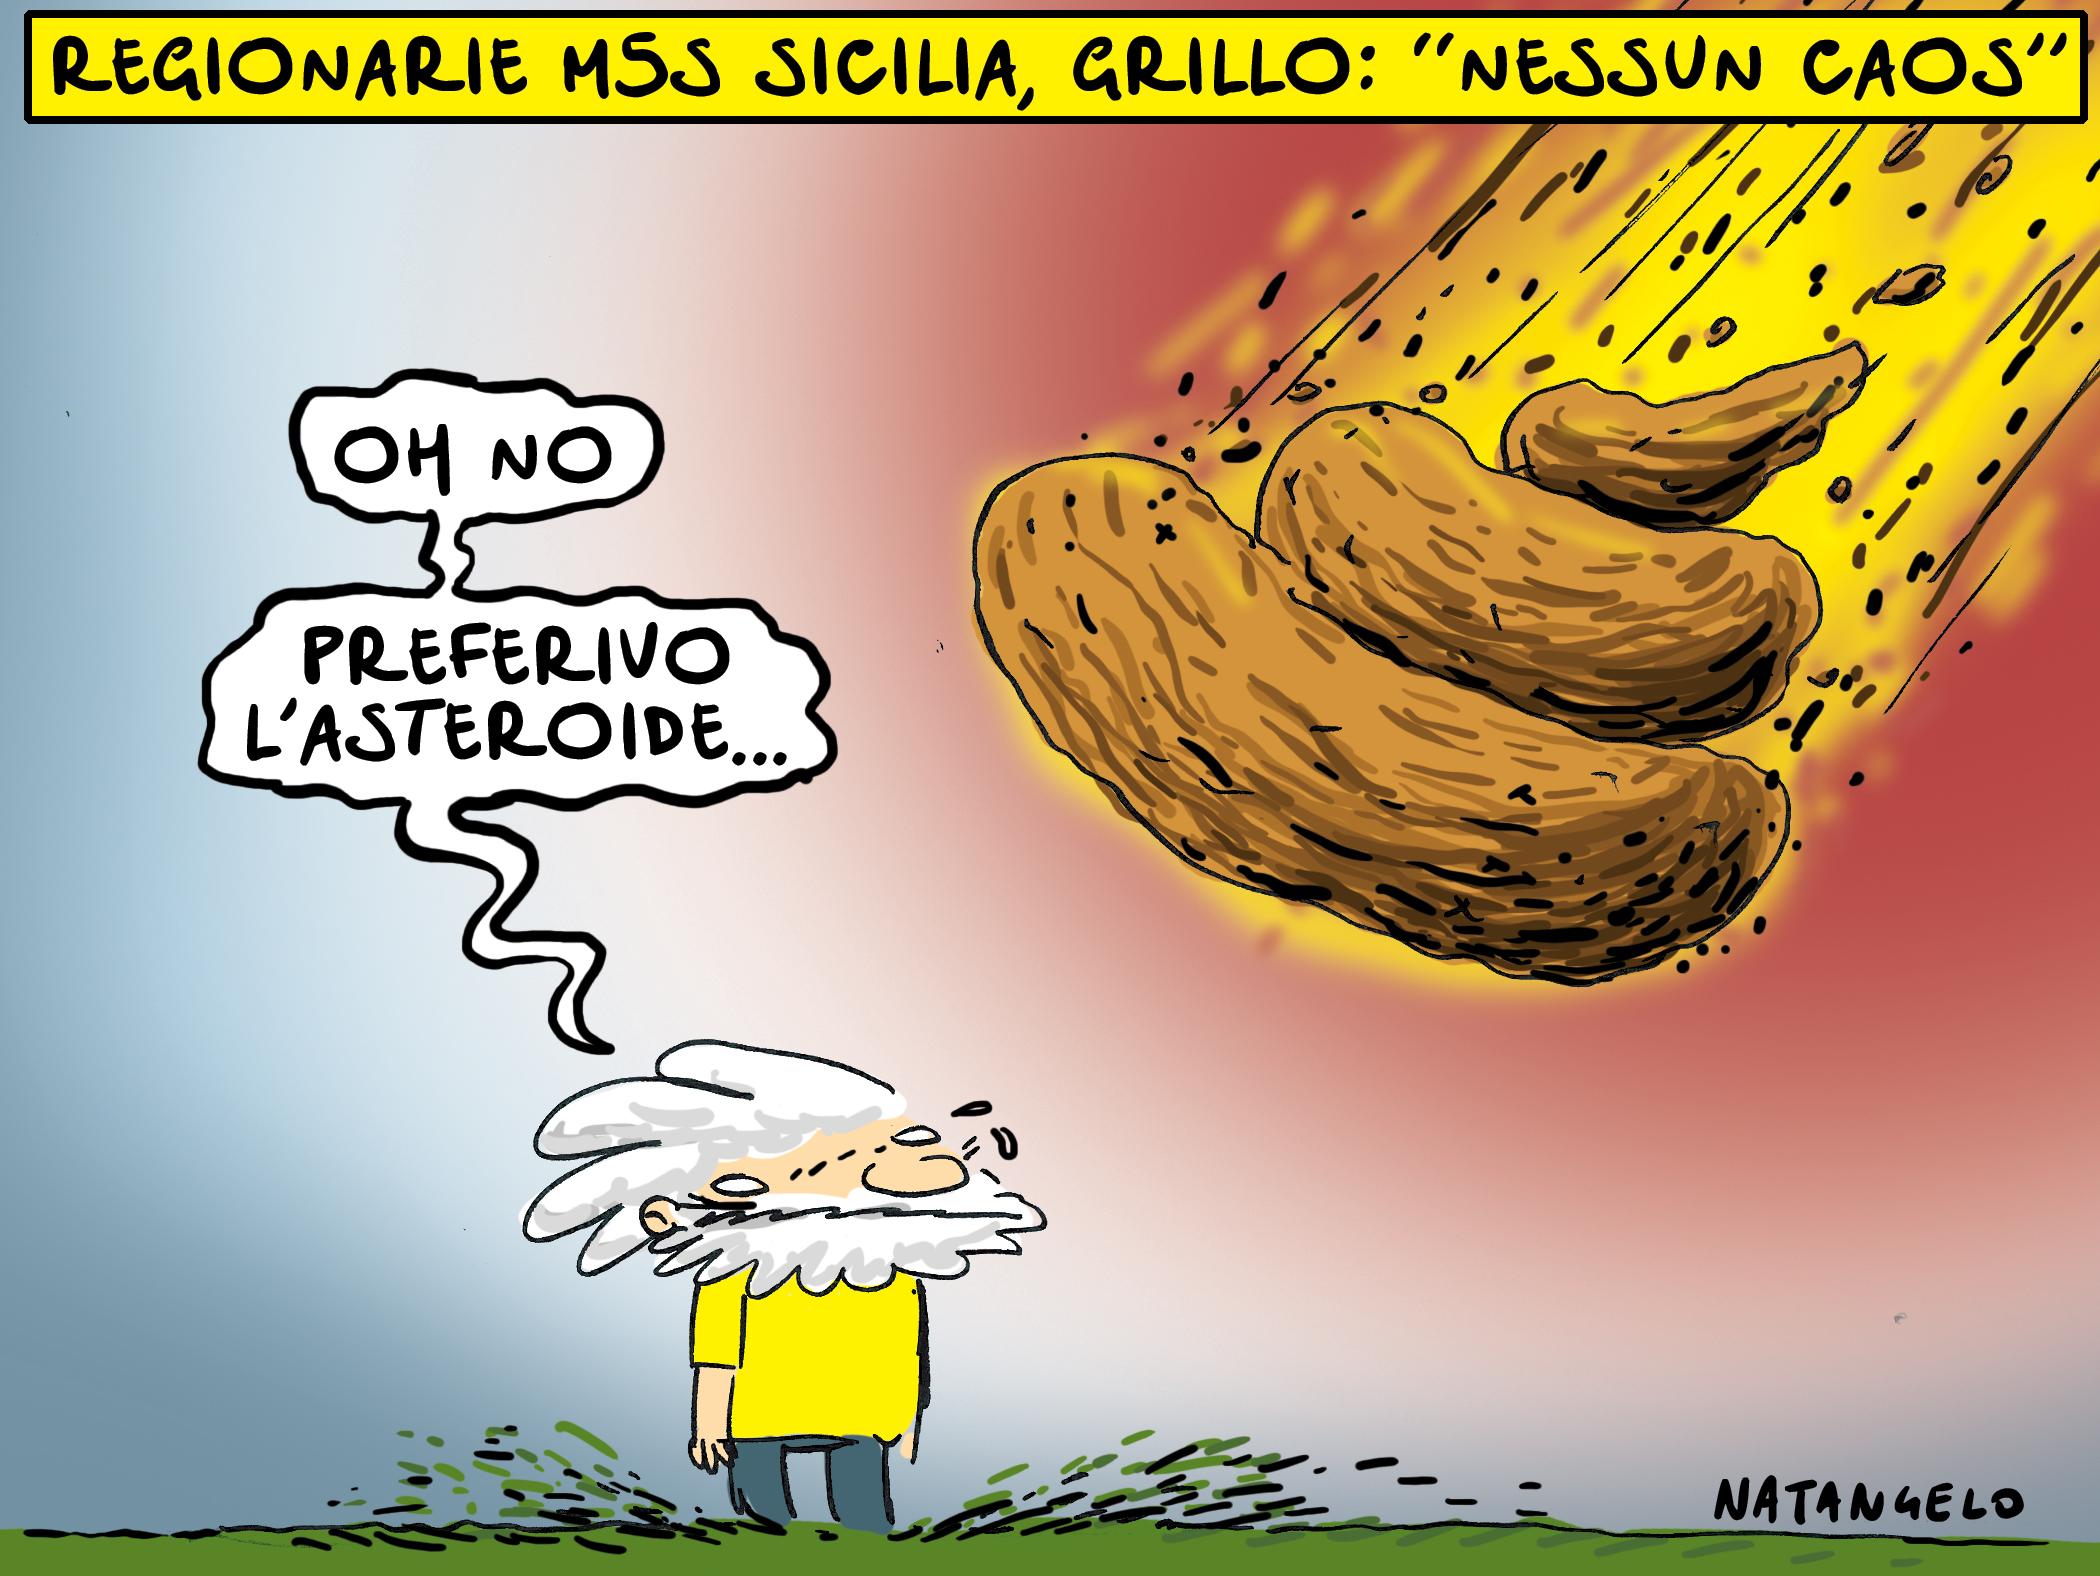 Altro spot, altro asteroide